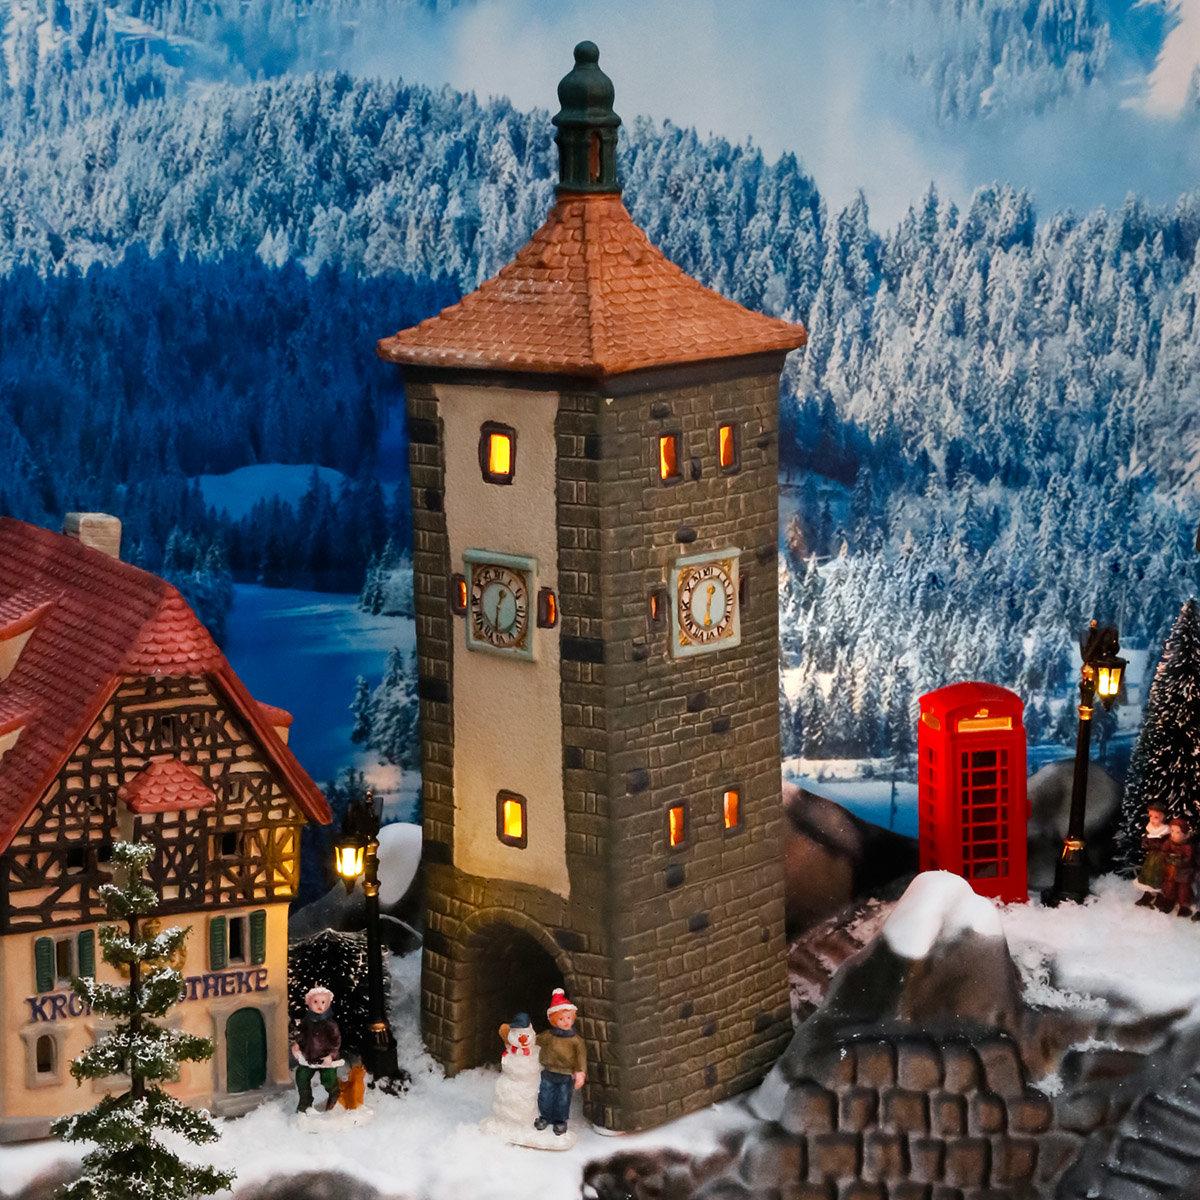 Miniatur-Lichthaus Siebertsturm in Rothenburg